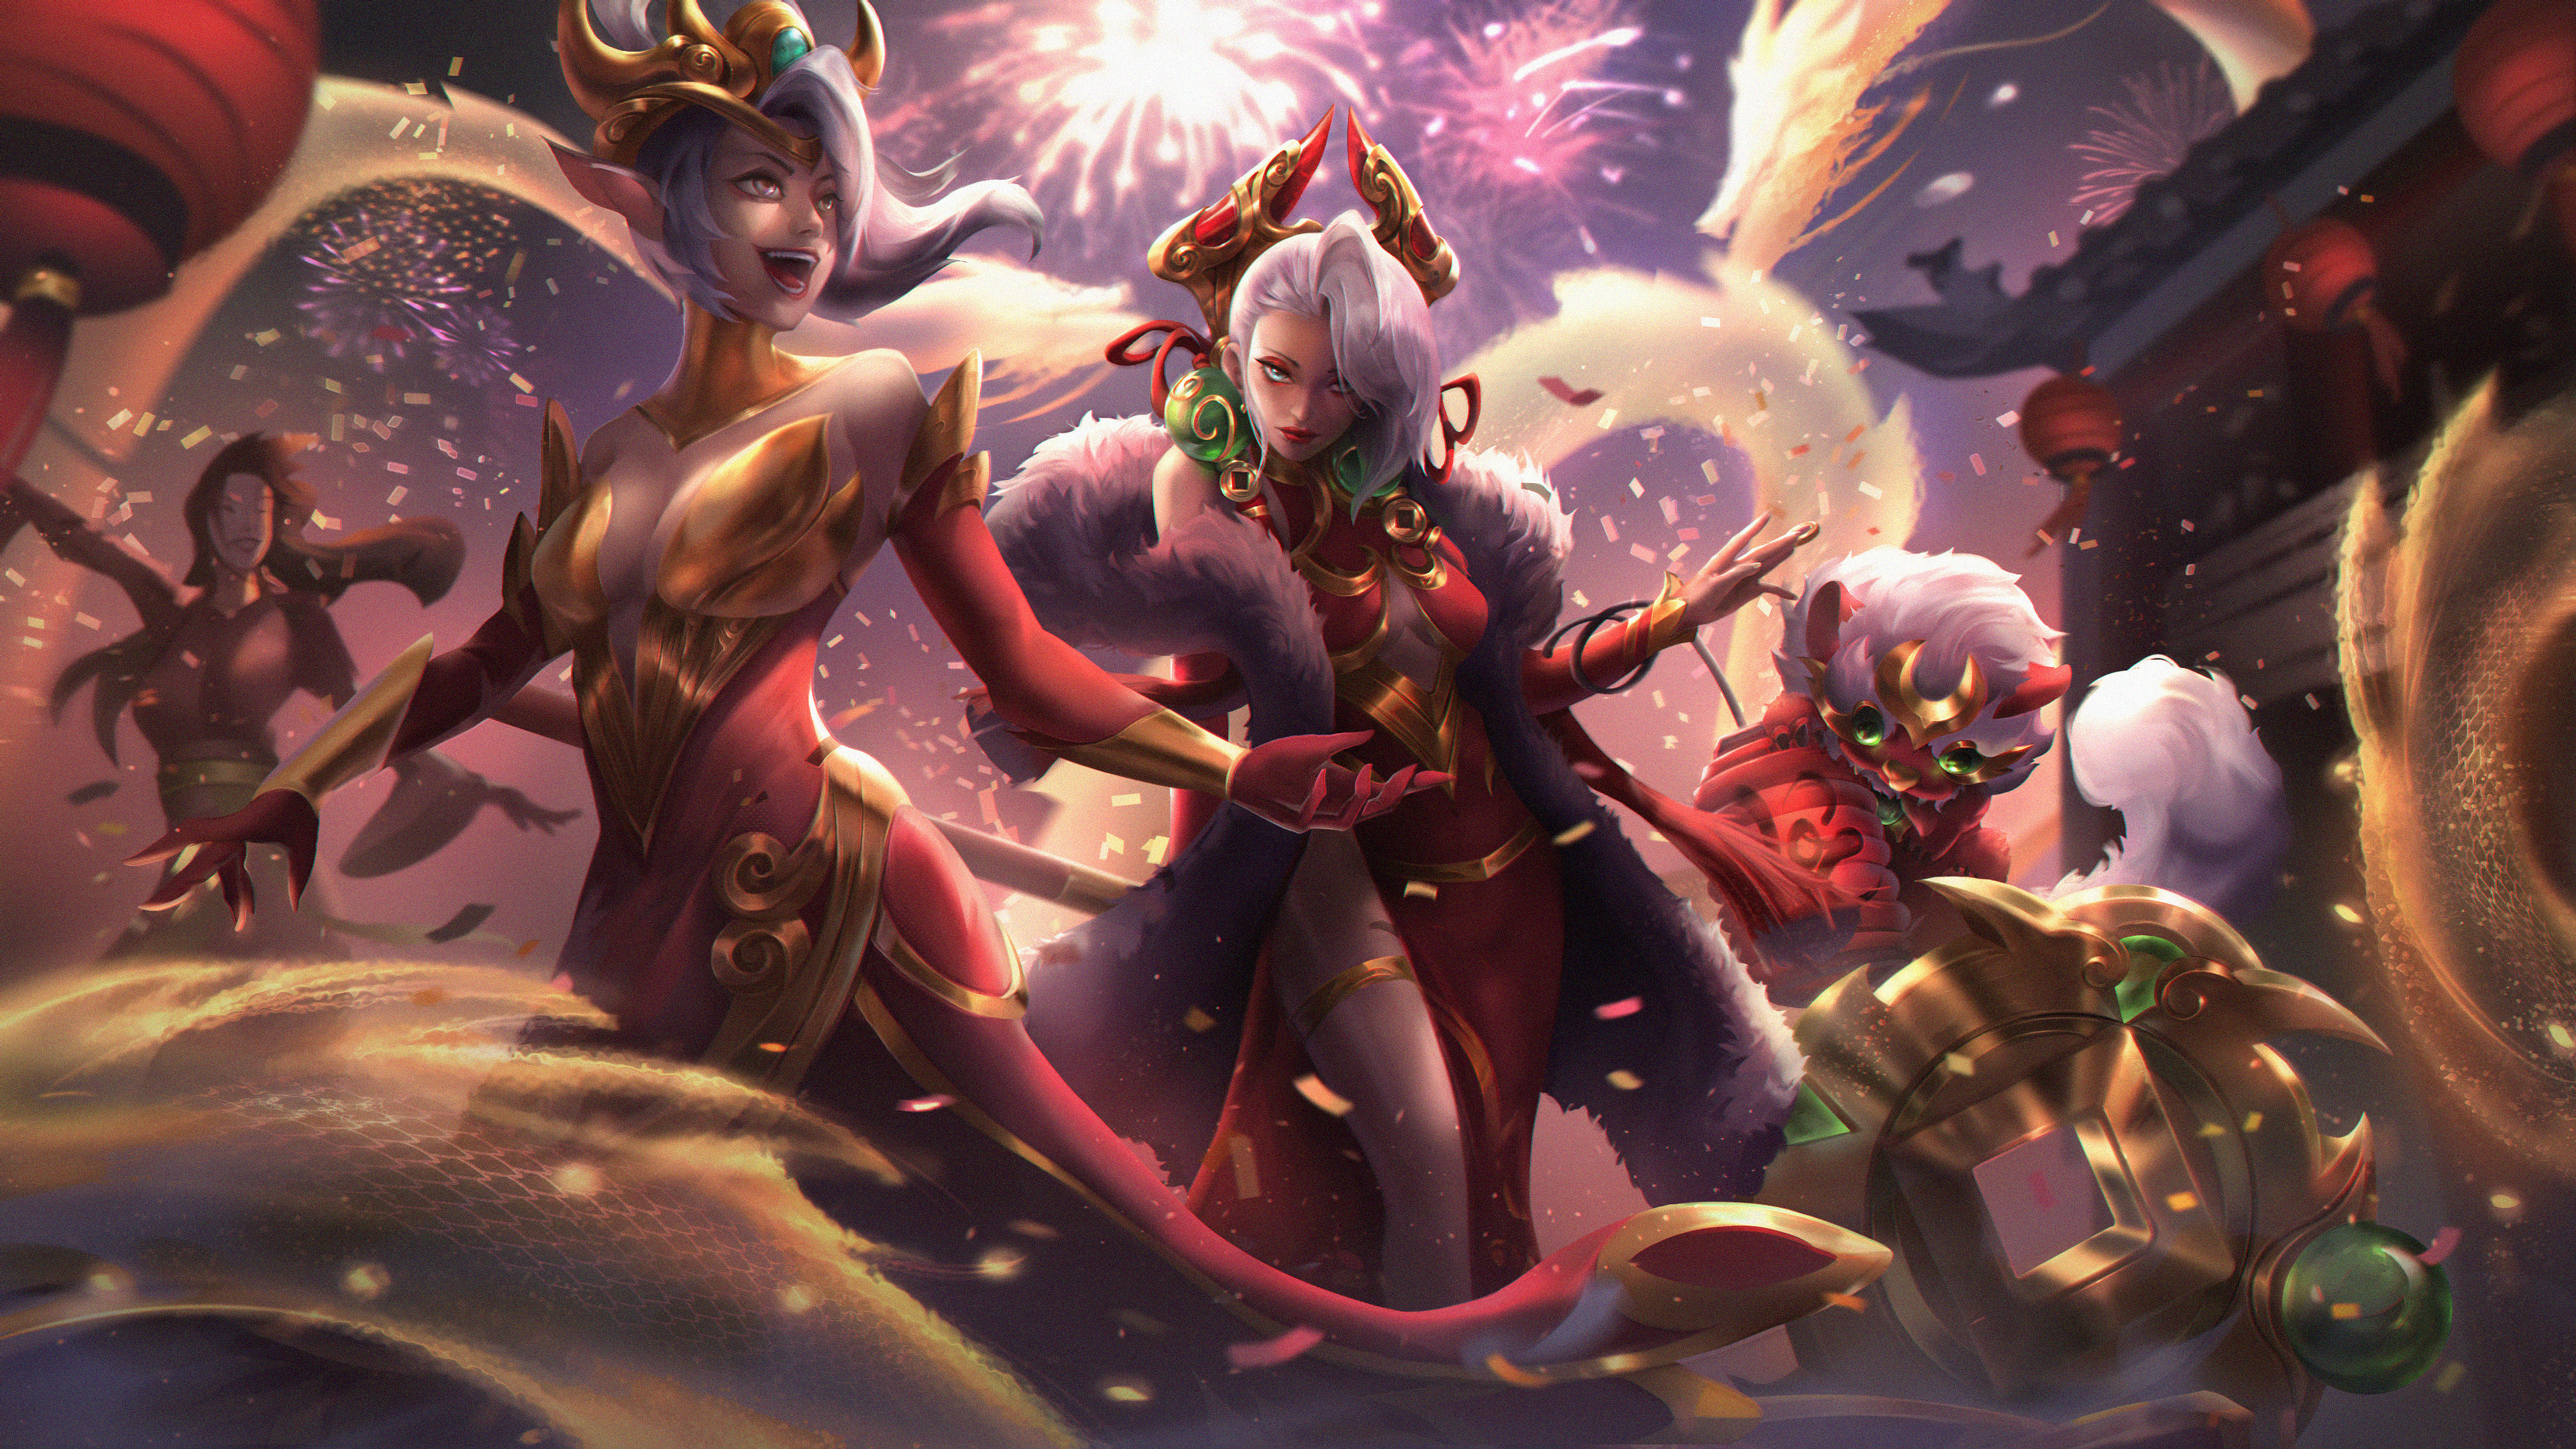 luna league of legends 4k 1615136425 - Luna League Of Legends 4k - Luna League Of Legends 4k wallpapers